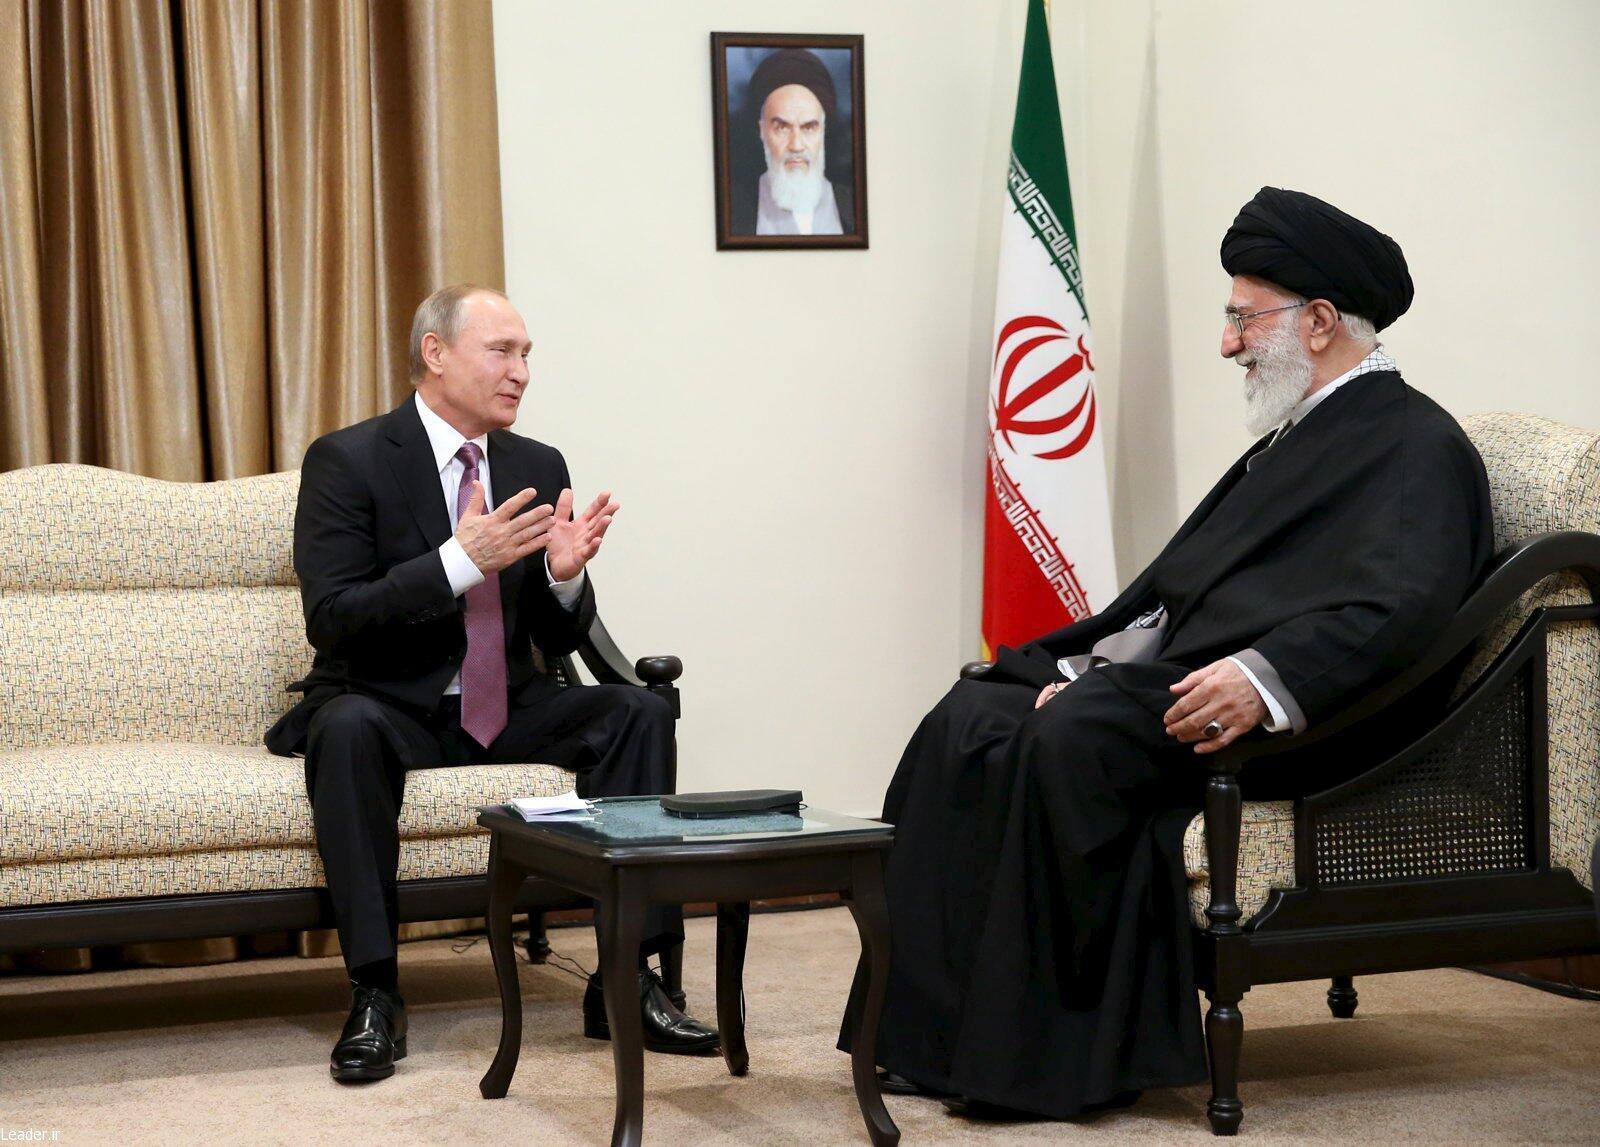 Президент России Владимир Путин и президент Ирана Хасан Рухани во время переговоров в Тегеране 22 ноября 2015